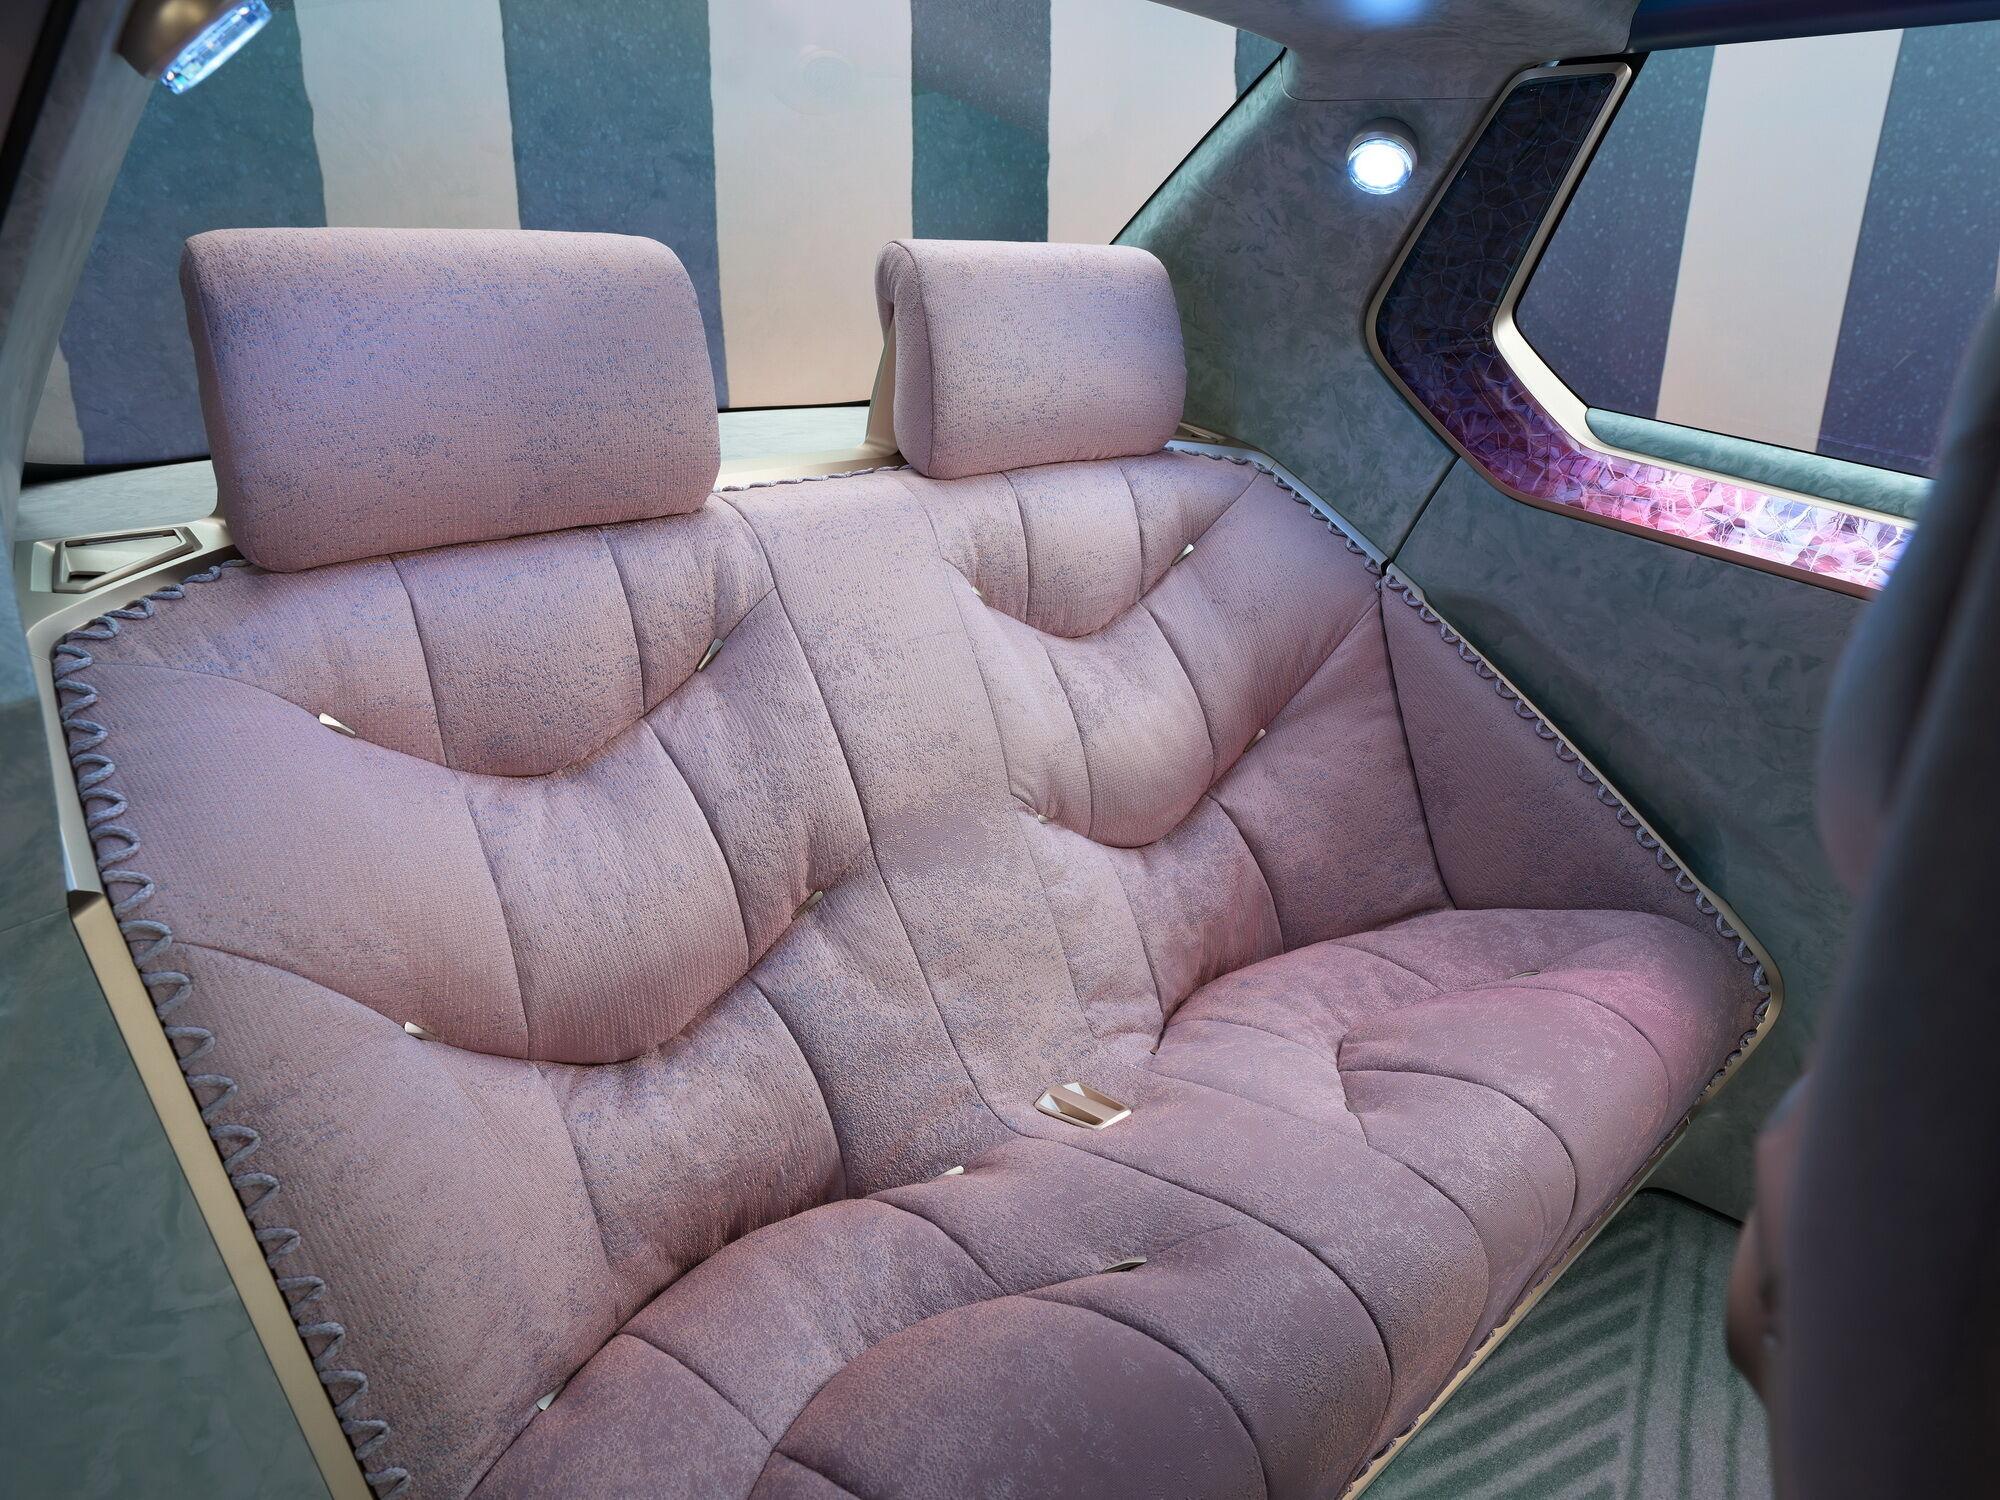 Для забезпечення комфорту в салоні багато м'якої обробки, а в підголів'я вбудовані динаміки для кожного пасажира